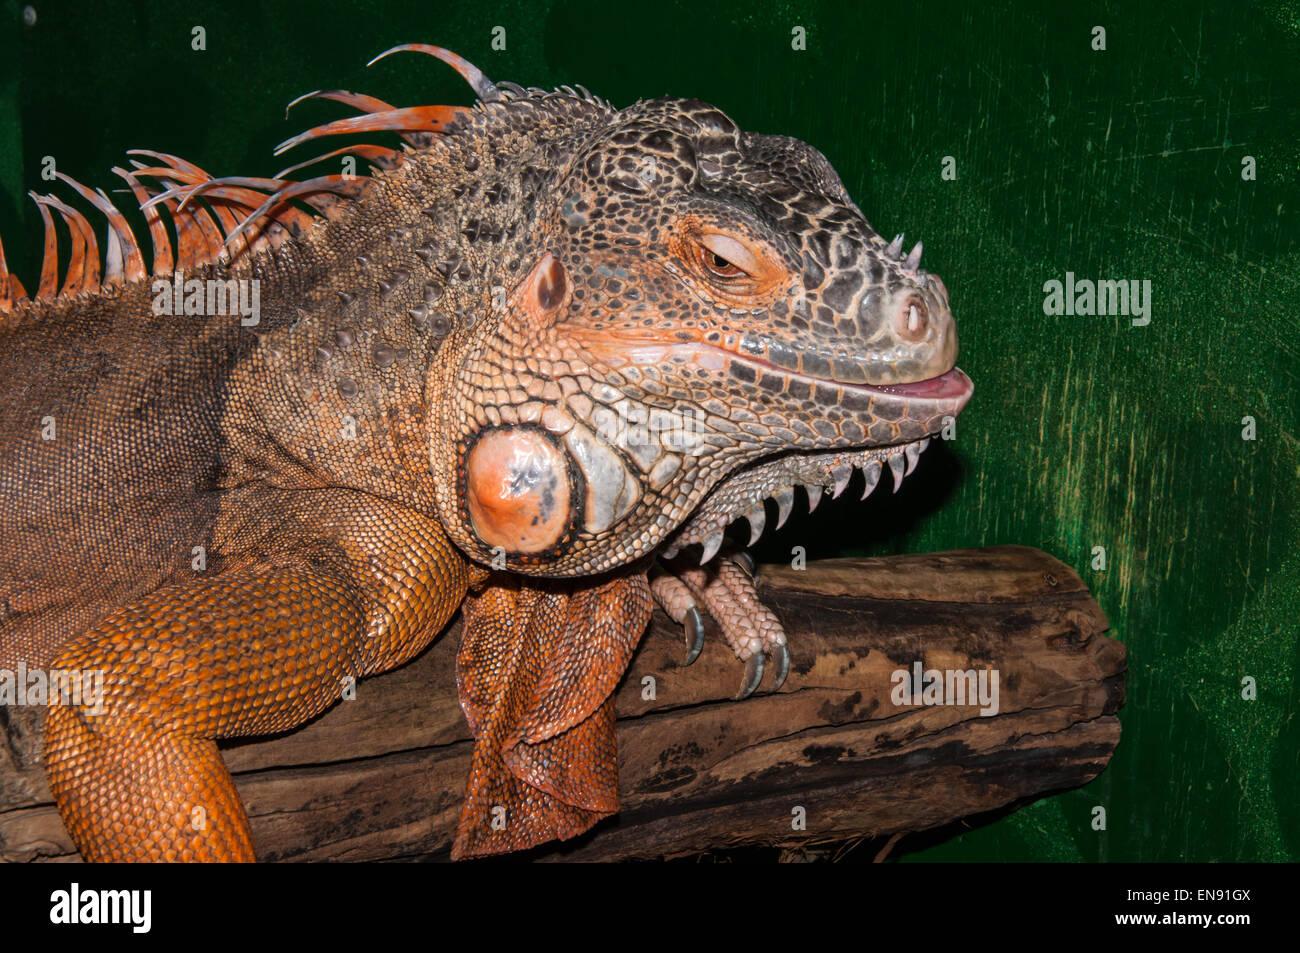 Red iguana large phytophagous lizard family iguanidae ...